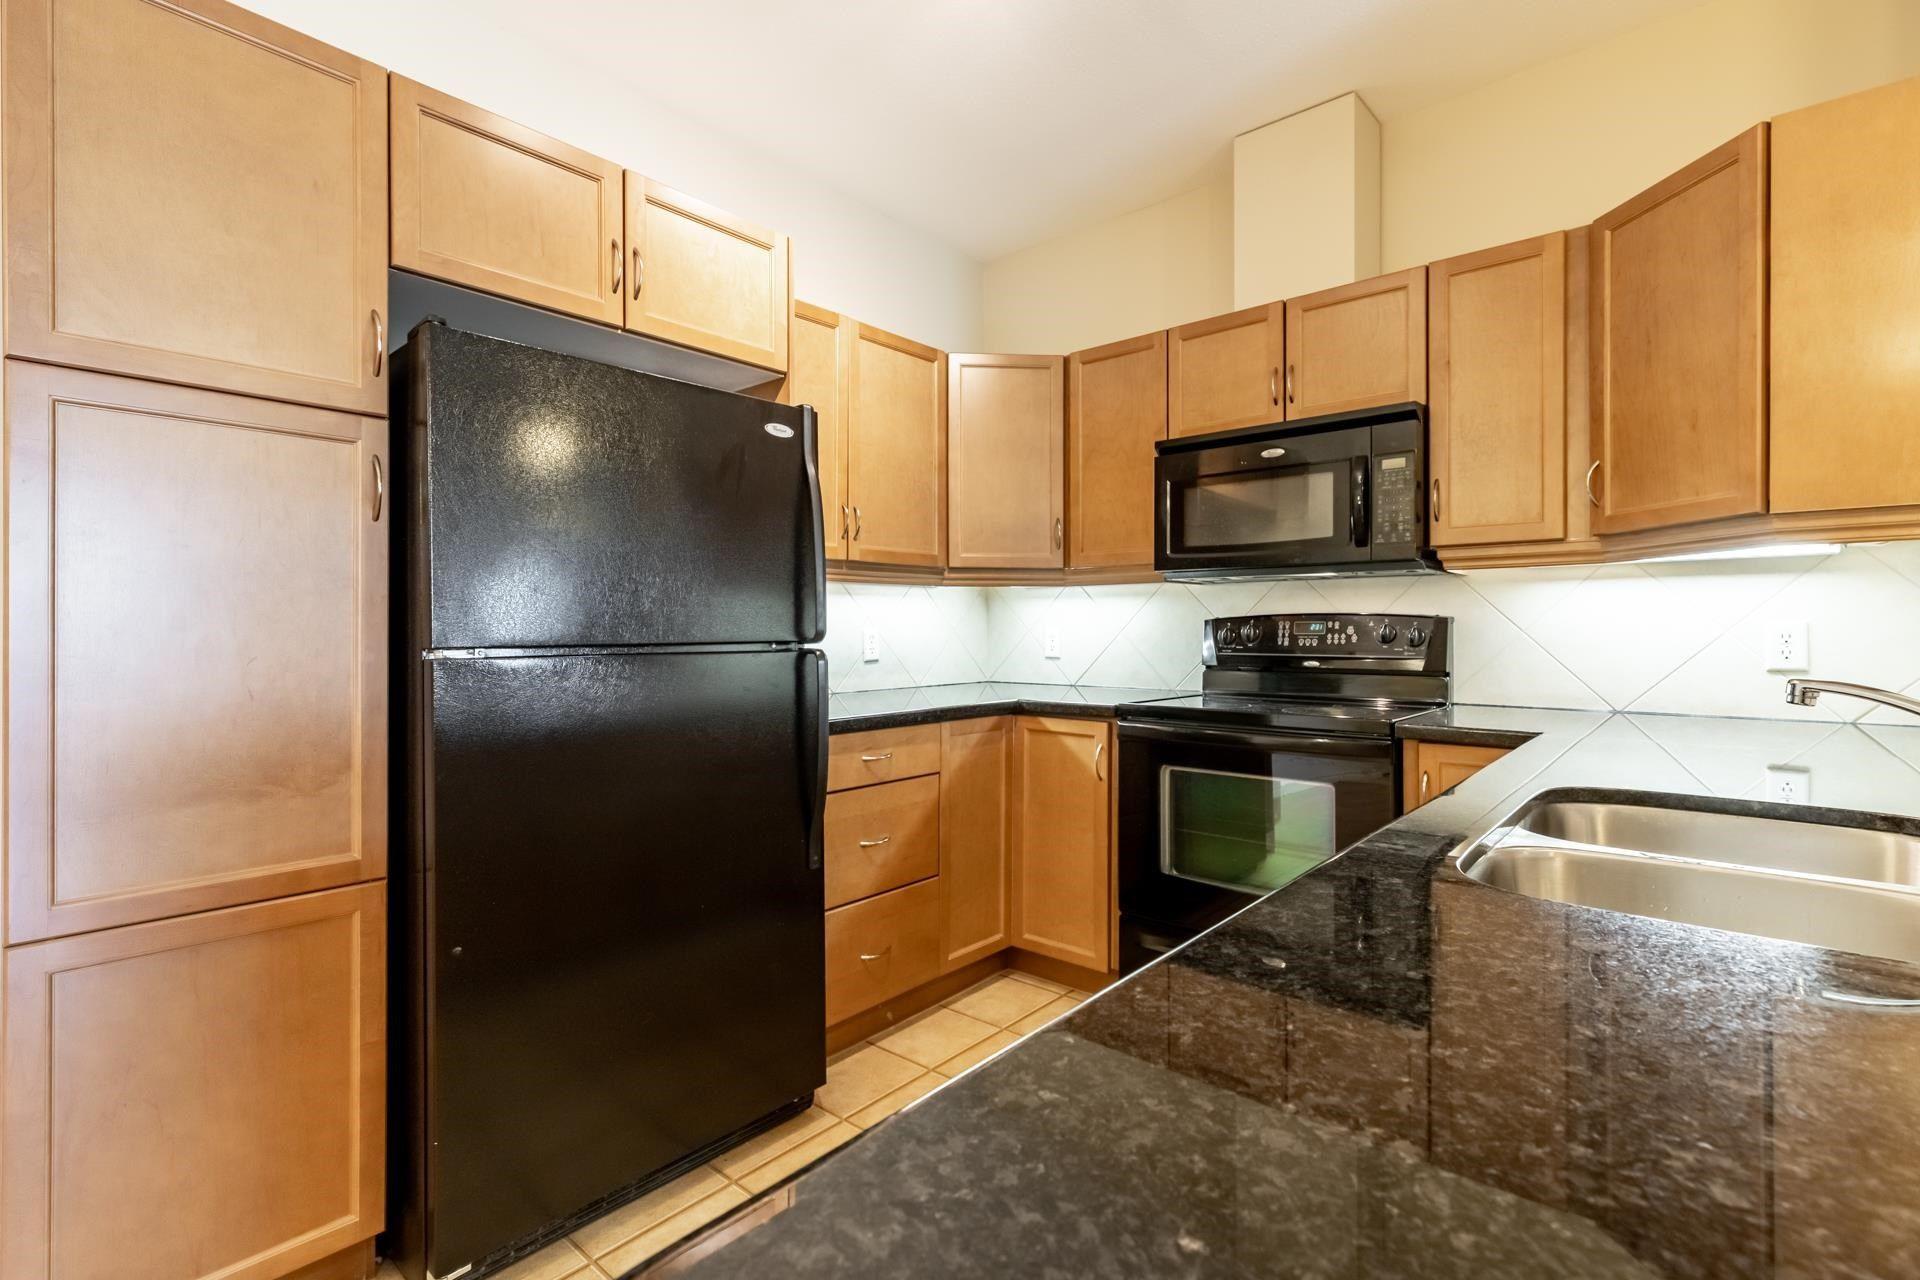 Main Photo: 225 2503 HANNA Crescent in Edmonton: Zone 14 Condo for sale : MLS®# E4245395